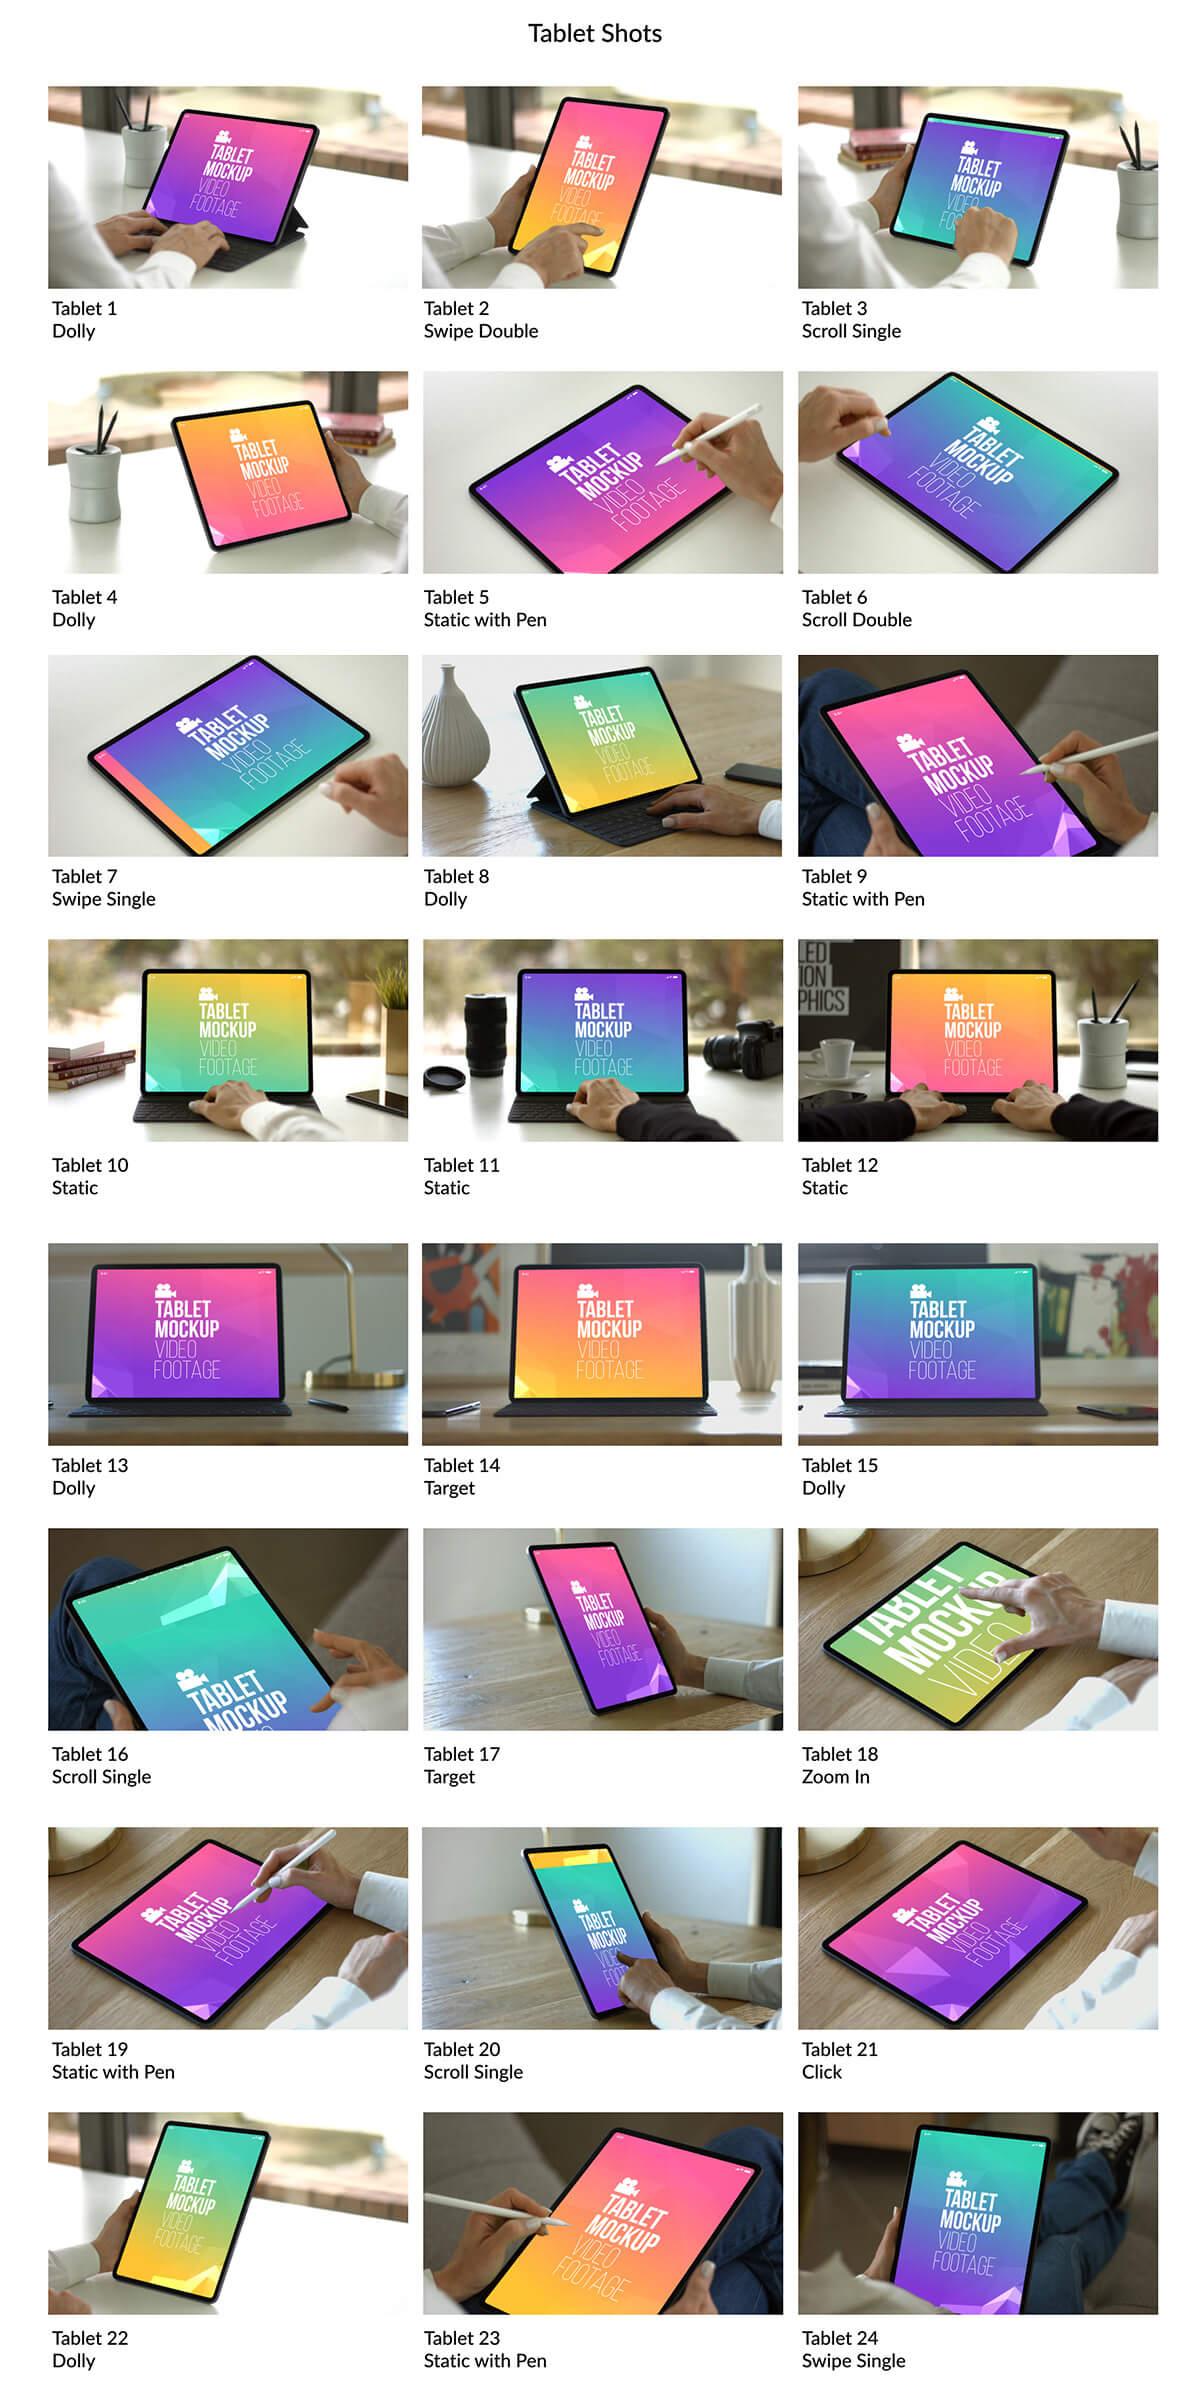 AE模板 100+手机电脑平板人物点击滑动操作实拍场景样机